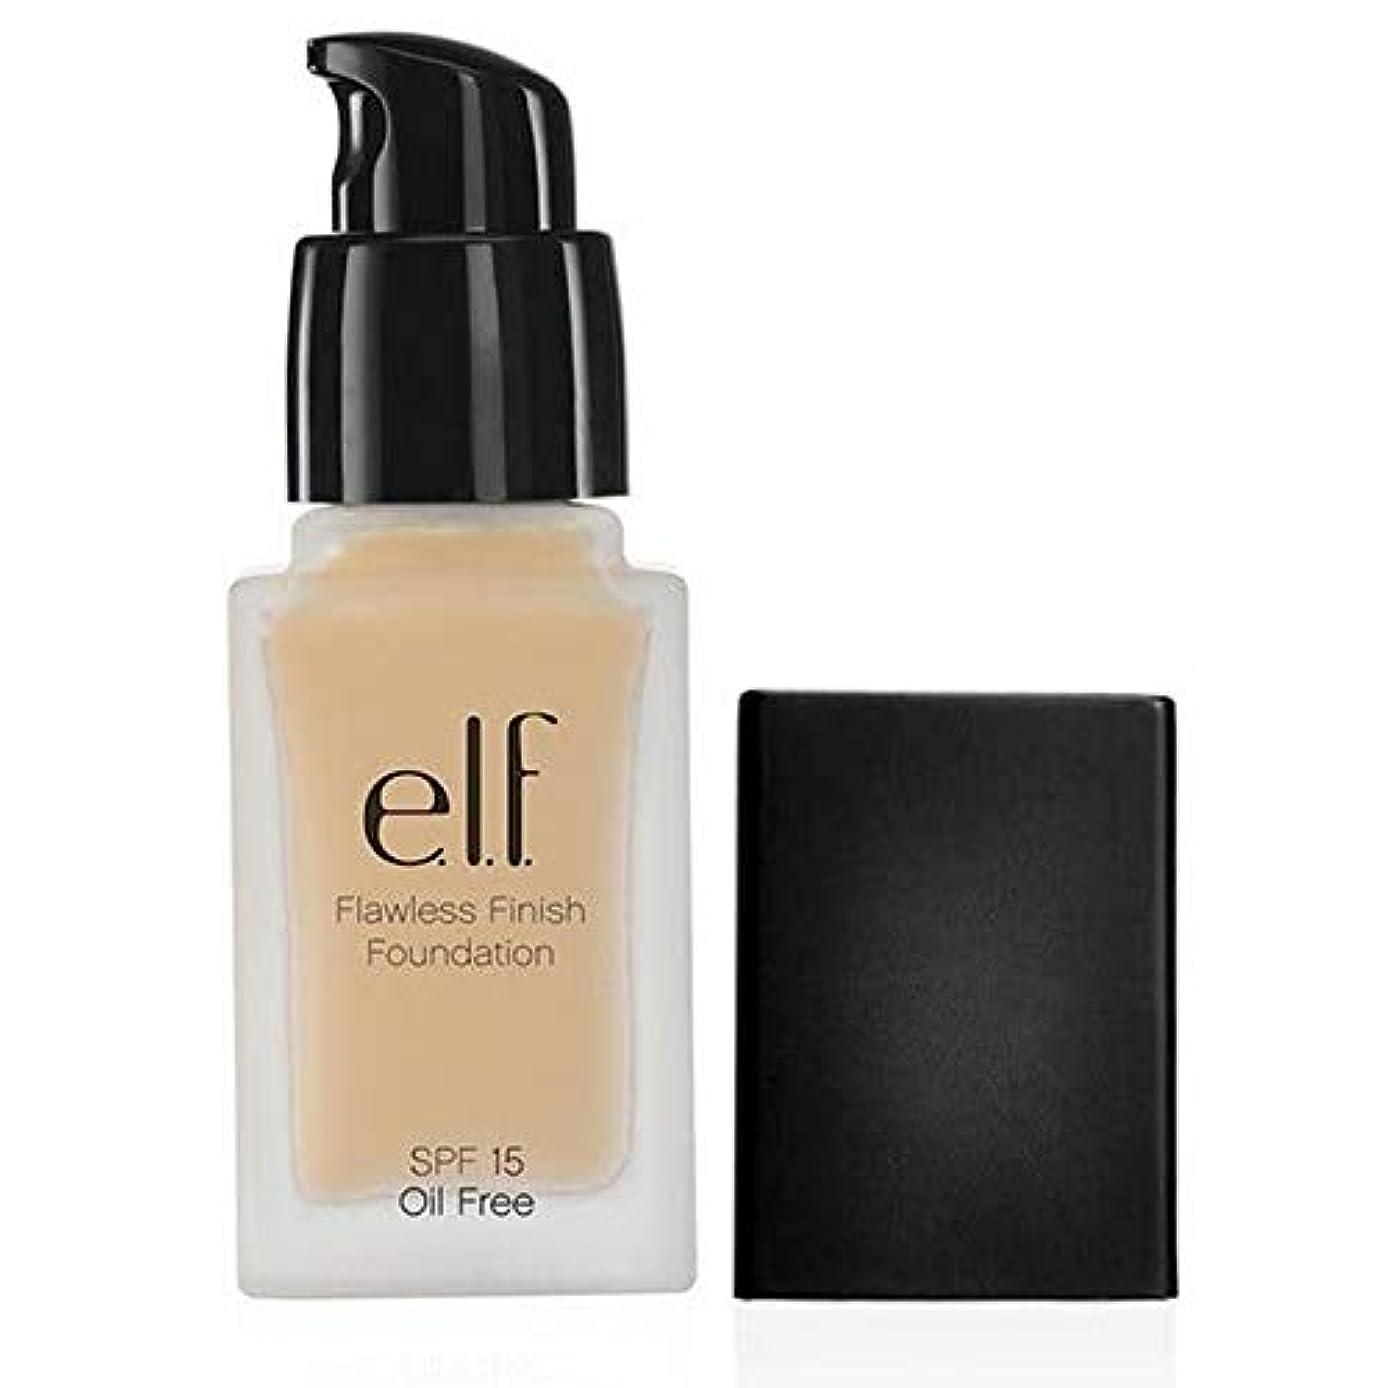 分数またはどちらか起こりやすい[Elf ] エルフ。完璧な仕上がりの基礎Spf15磁器111 - e.l.f. Flawless Finish Foundation SPF15 Porcelain 111 [並行輸入品]